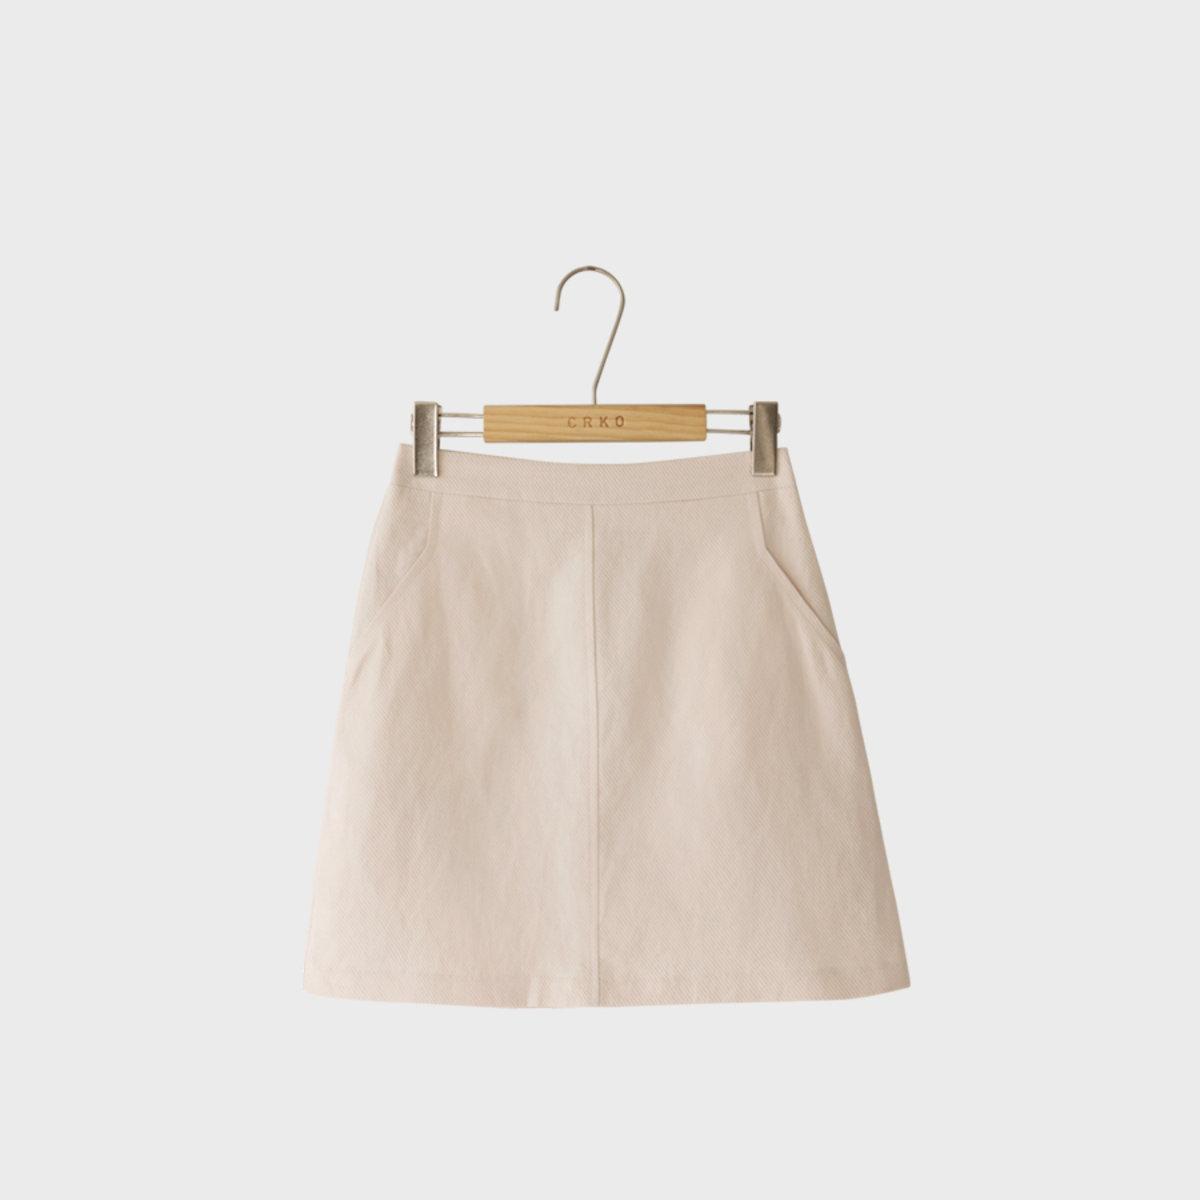 More Mini Skirt